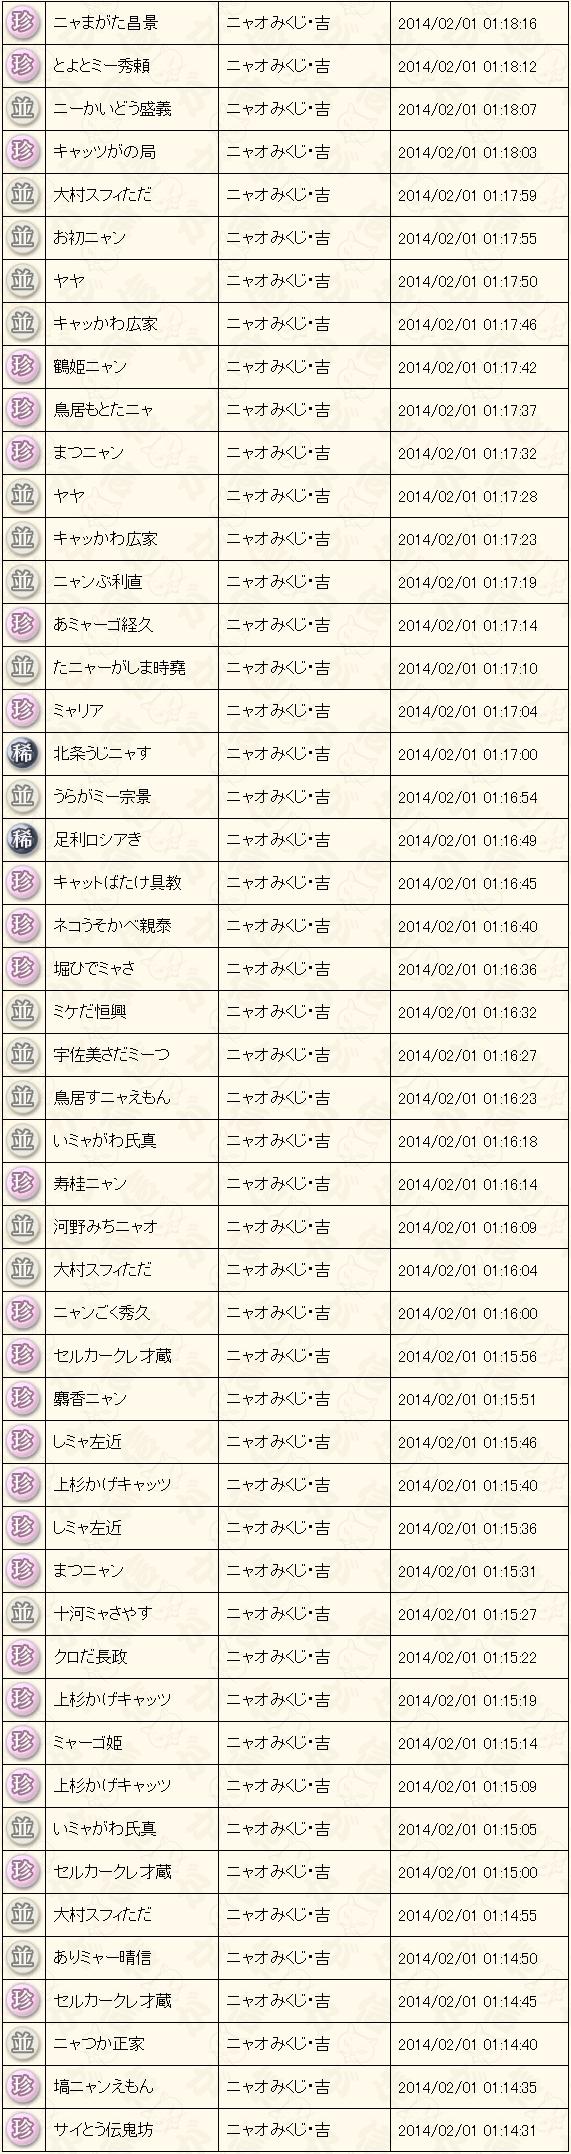 1月末くじ結果2014 2